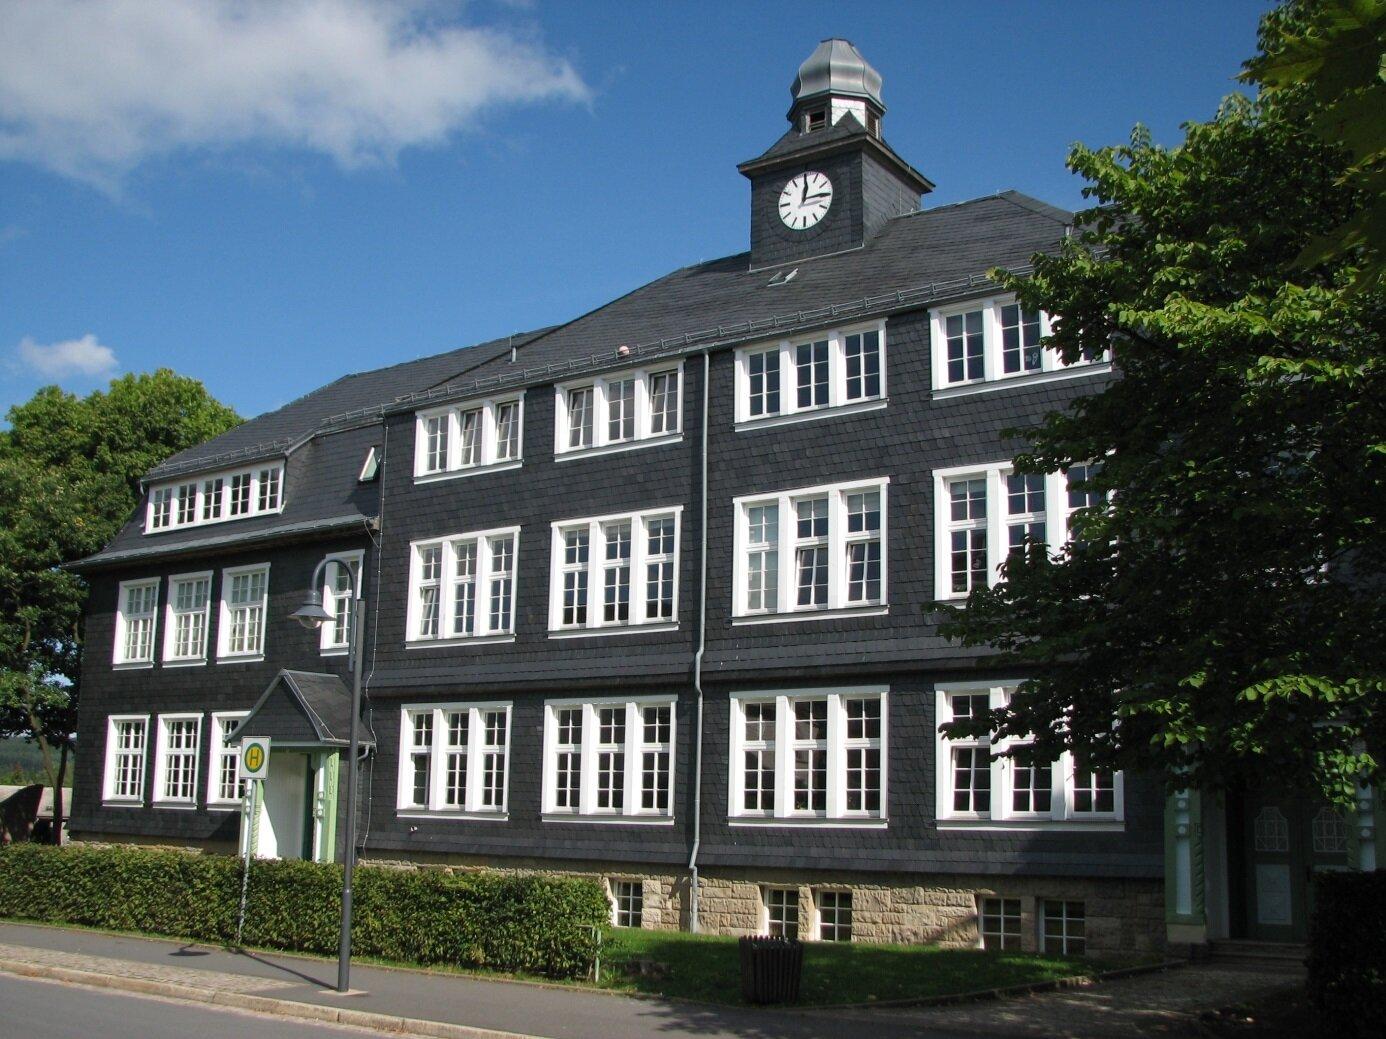 Staatliche Gemeinschaftsschule Großbreitenbach